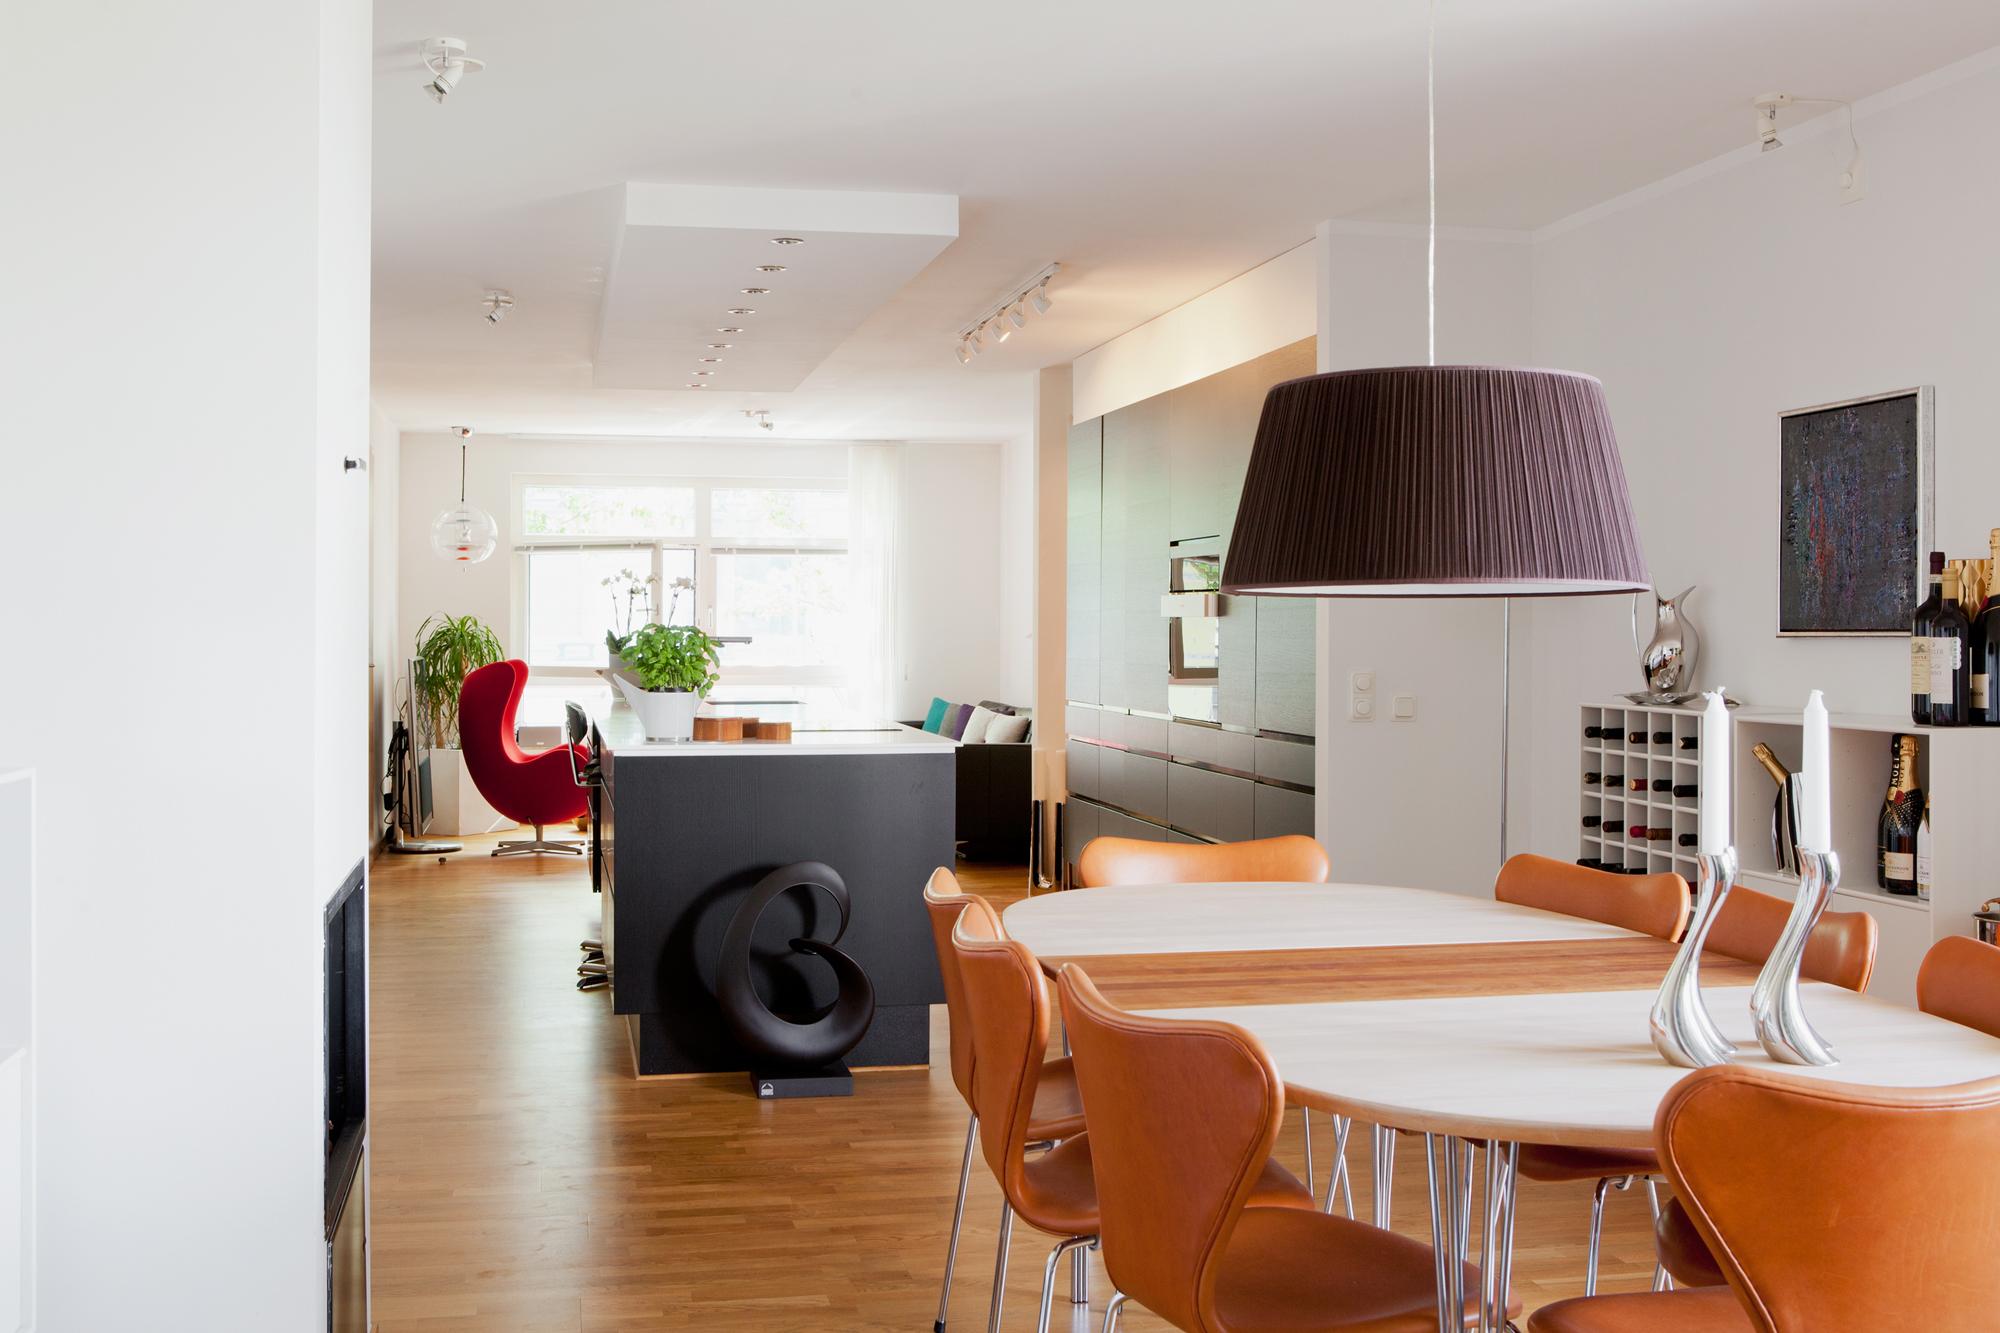 Dise o dan s que me gusta mucho blog tienda decoraci n - Blog decoracion interiores ...